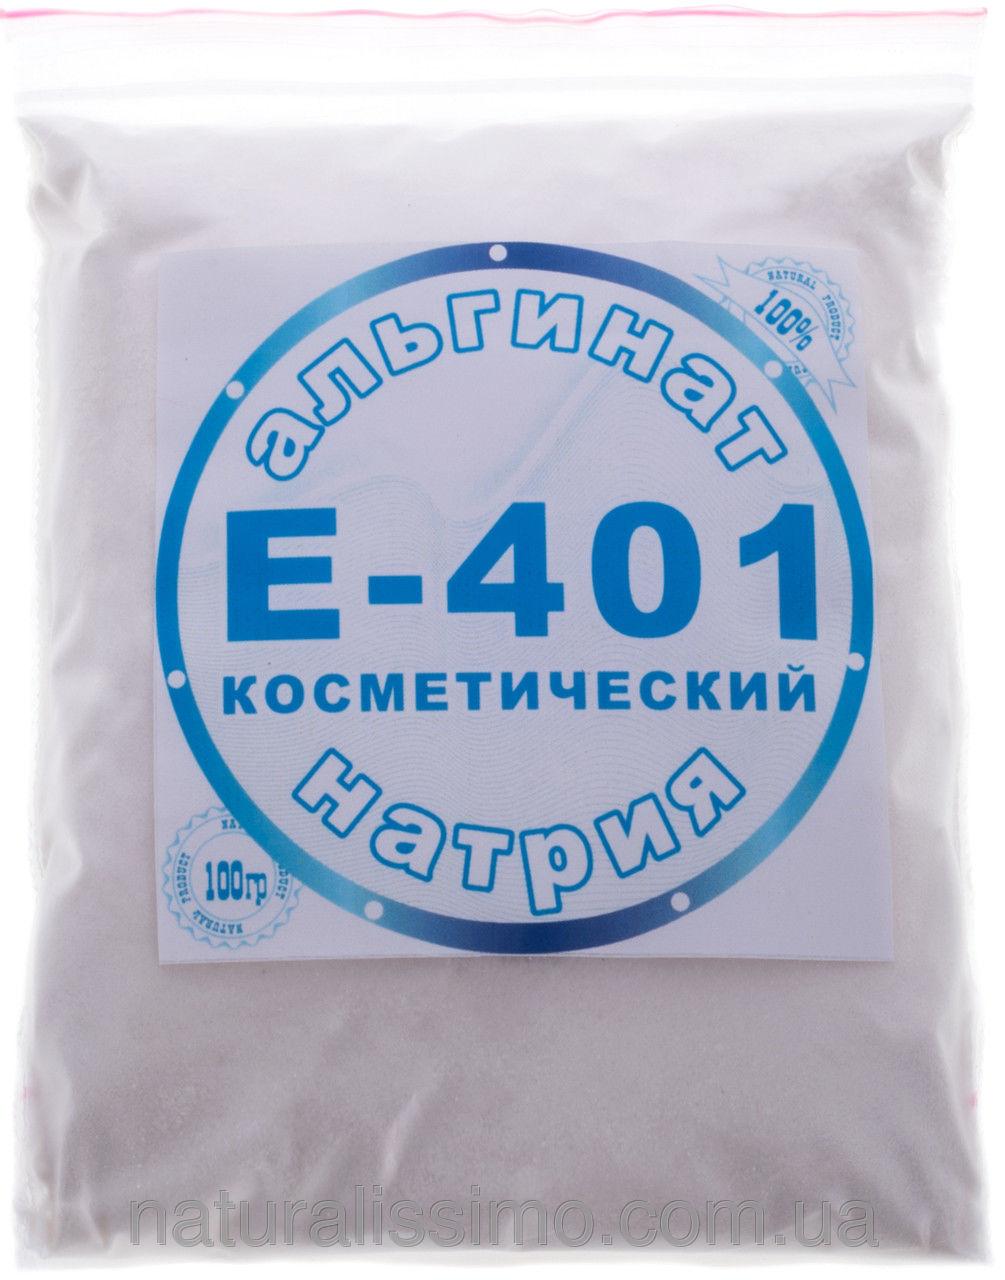 Упаковка с альгинатом натрия